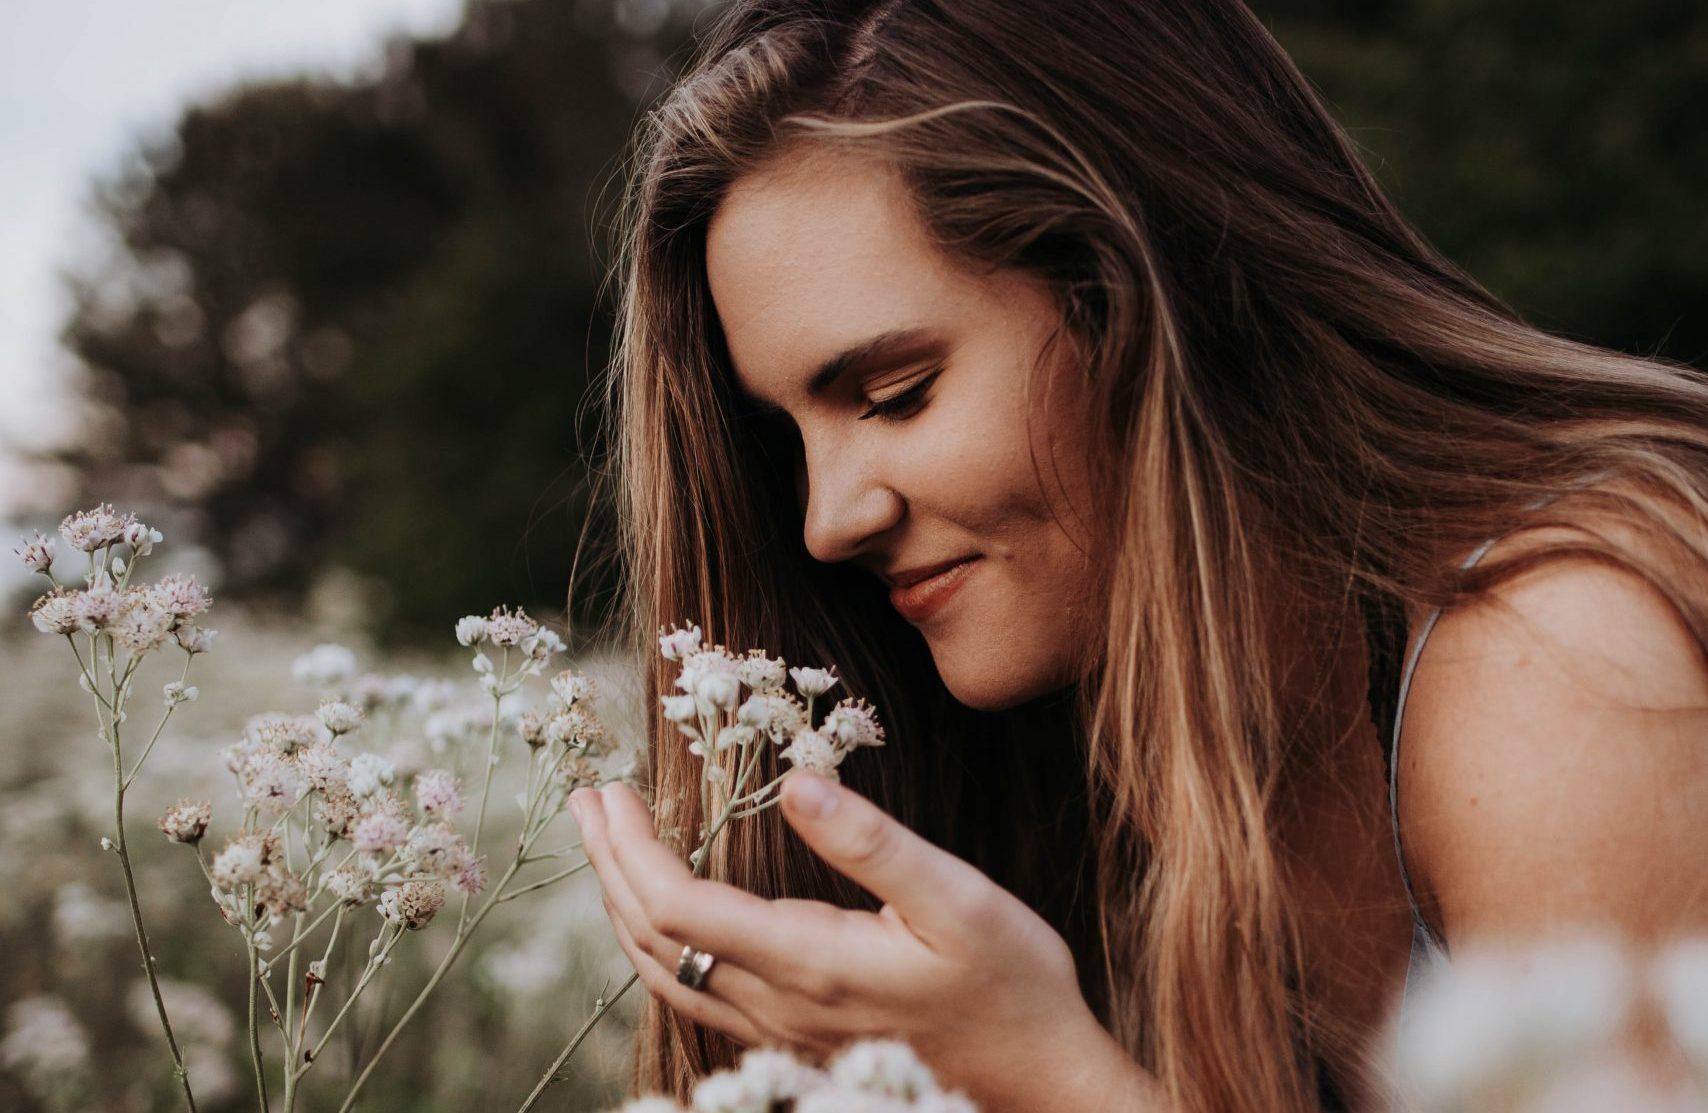 Régi szerelmek: Elég egy illat, máris elöntenek a közös emlékek…